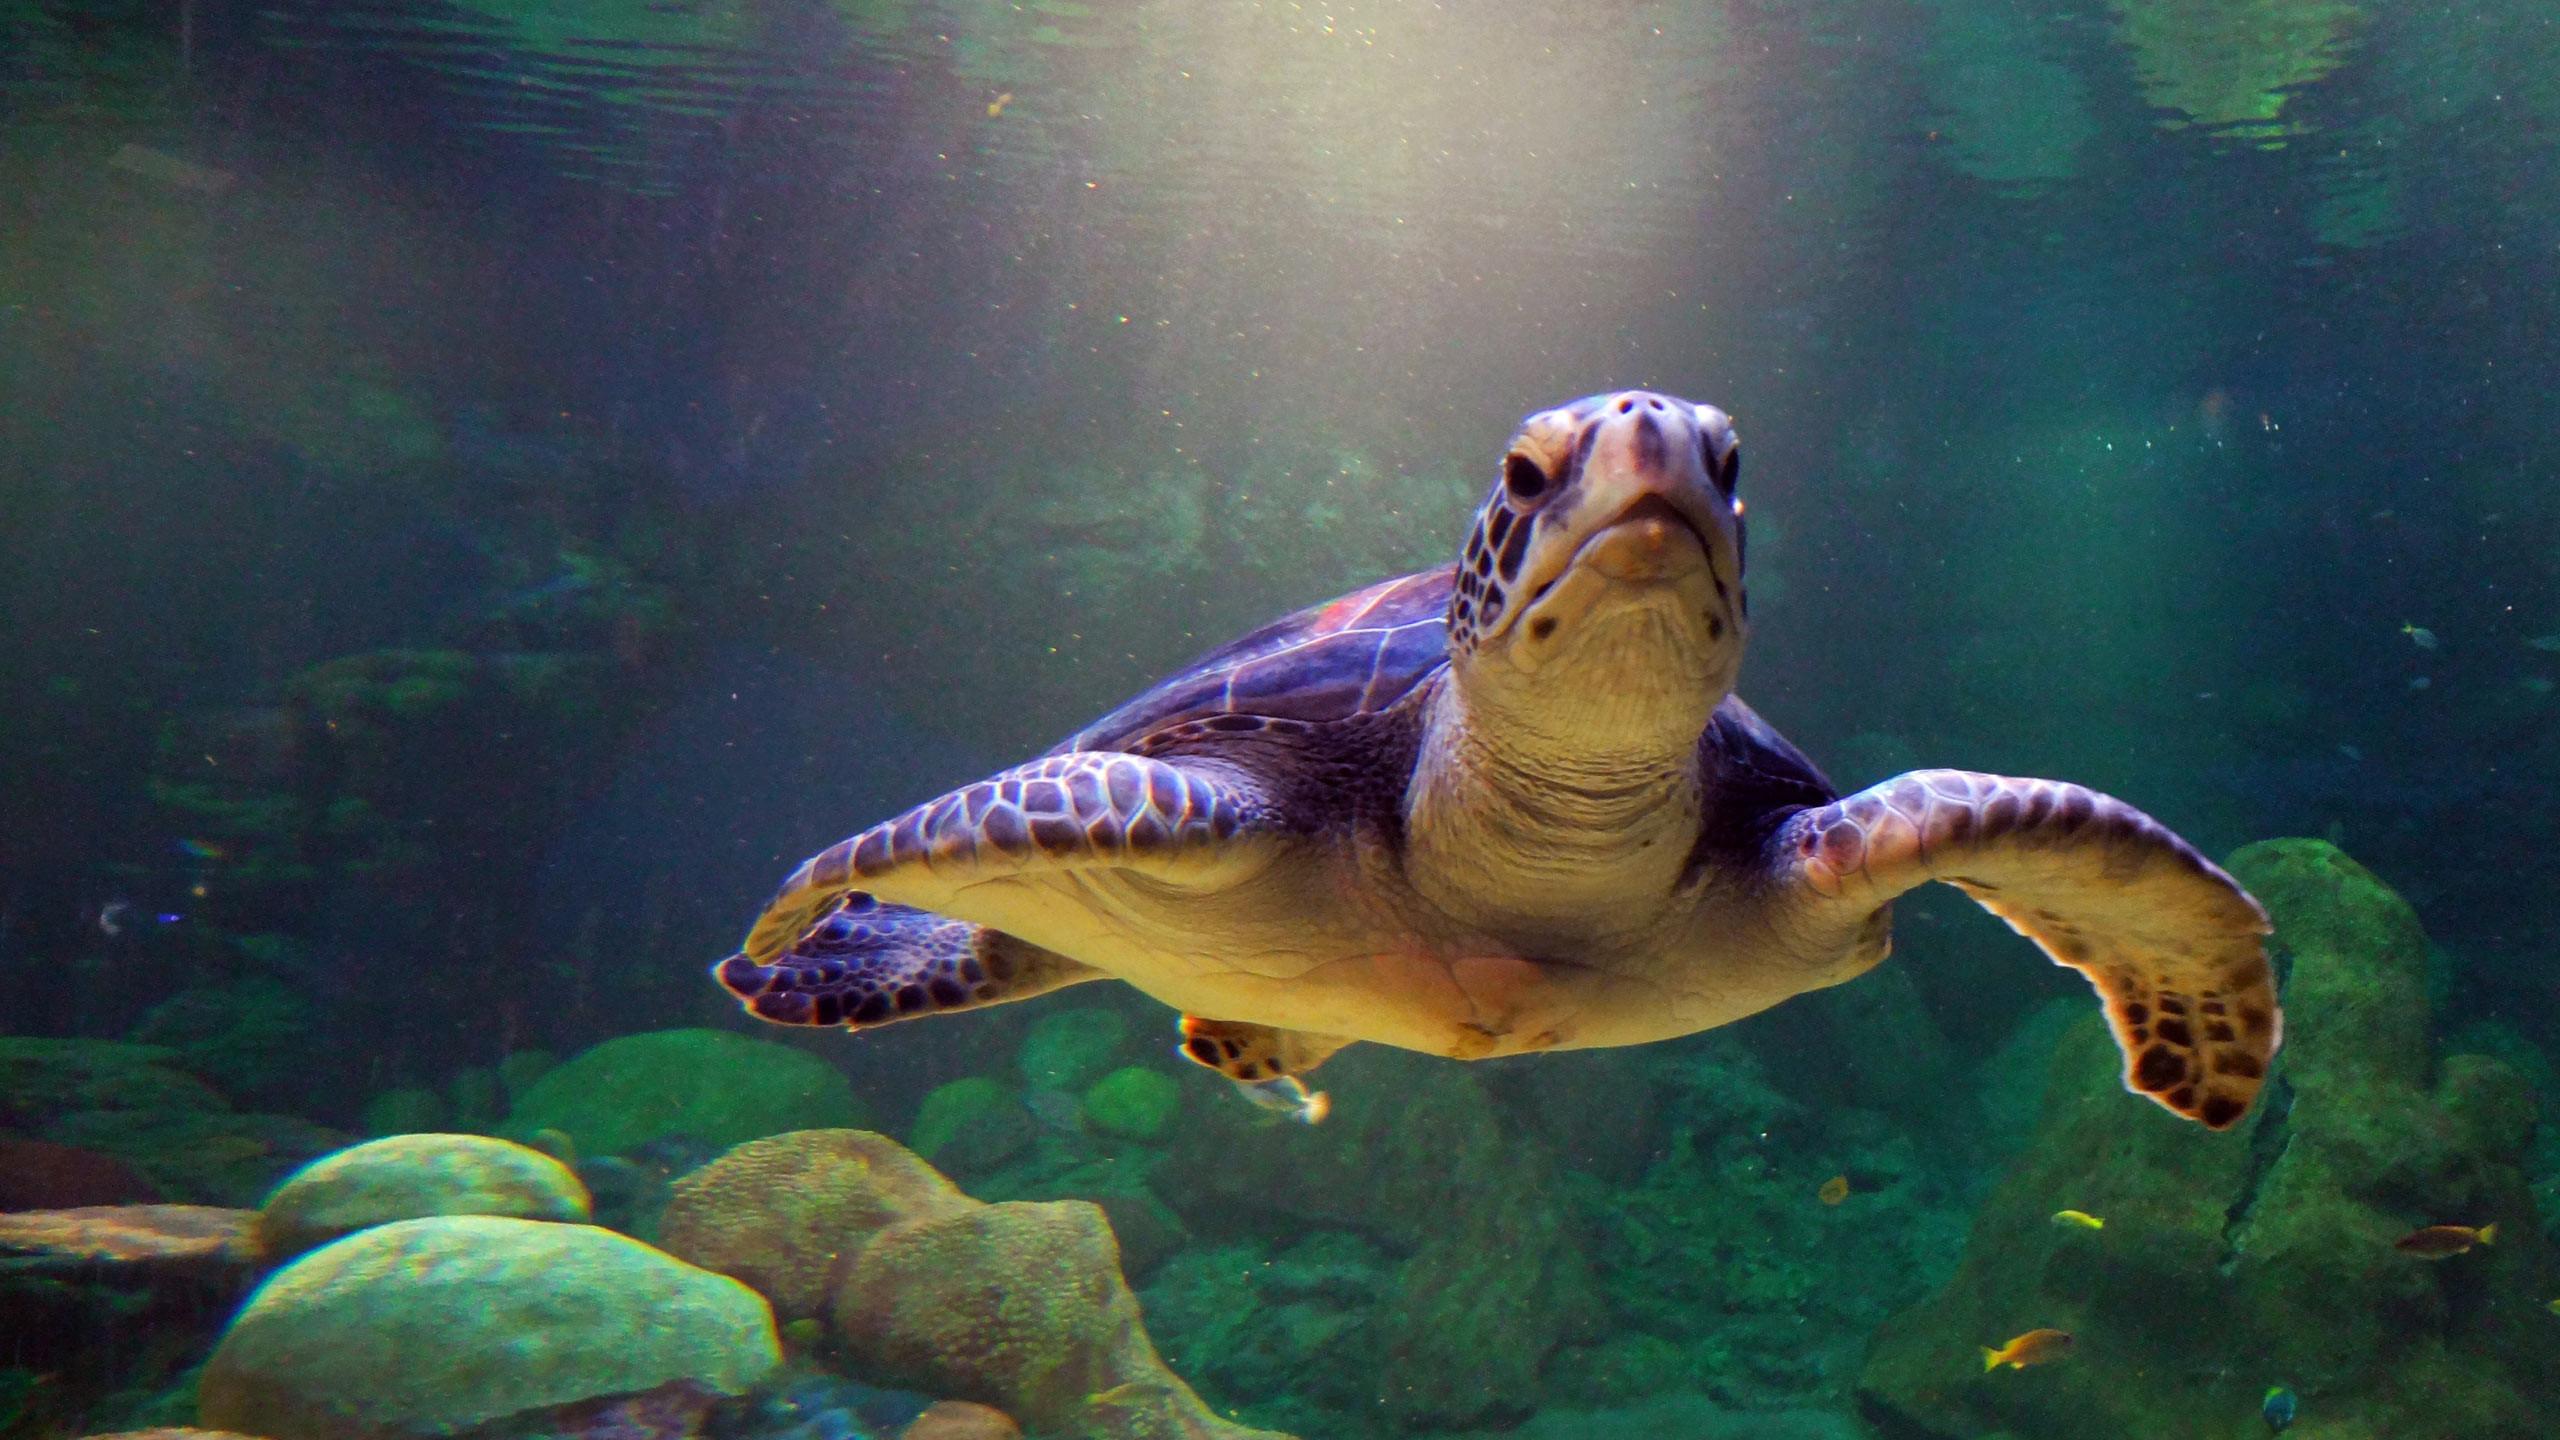 Cute turtle wallpaper